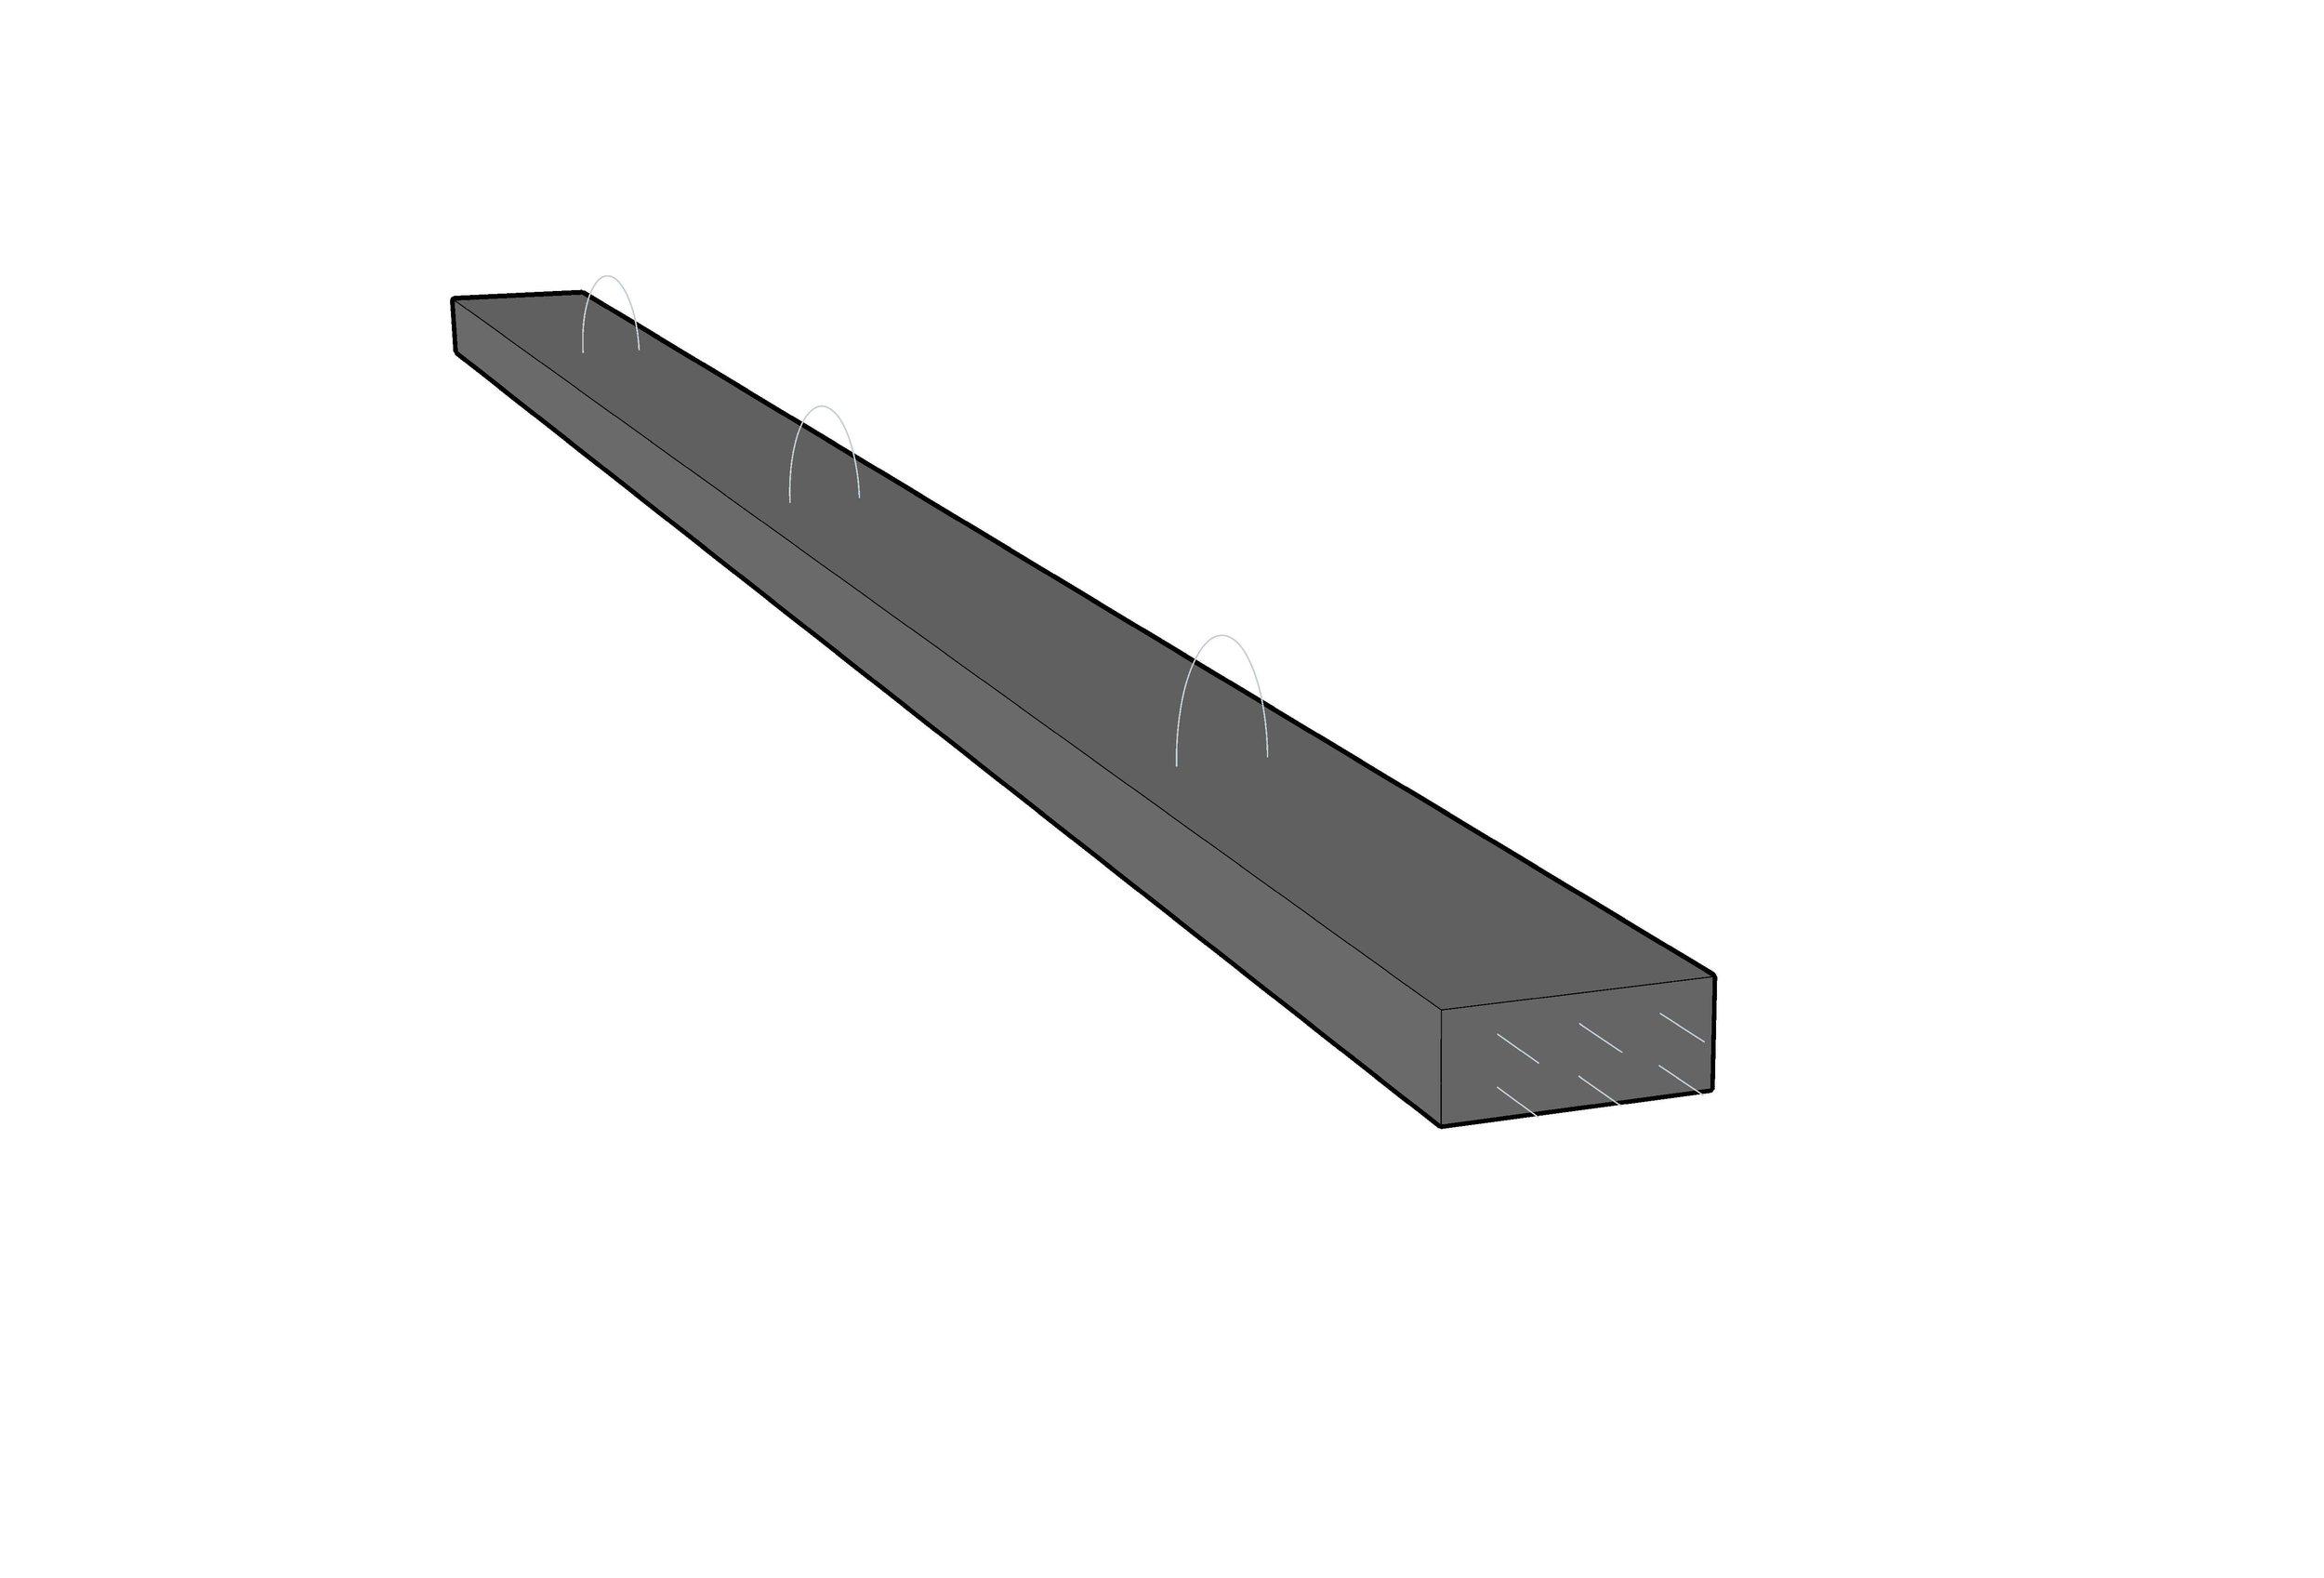 Pre-Stressed concrete lintol